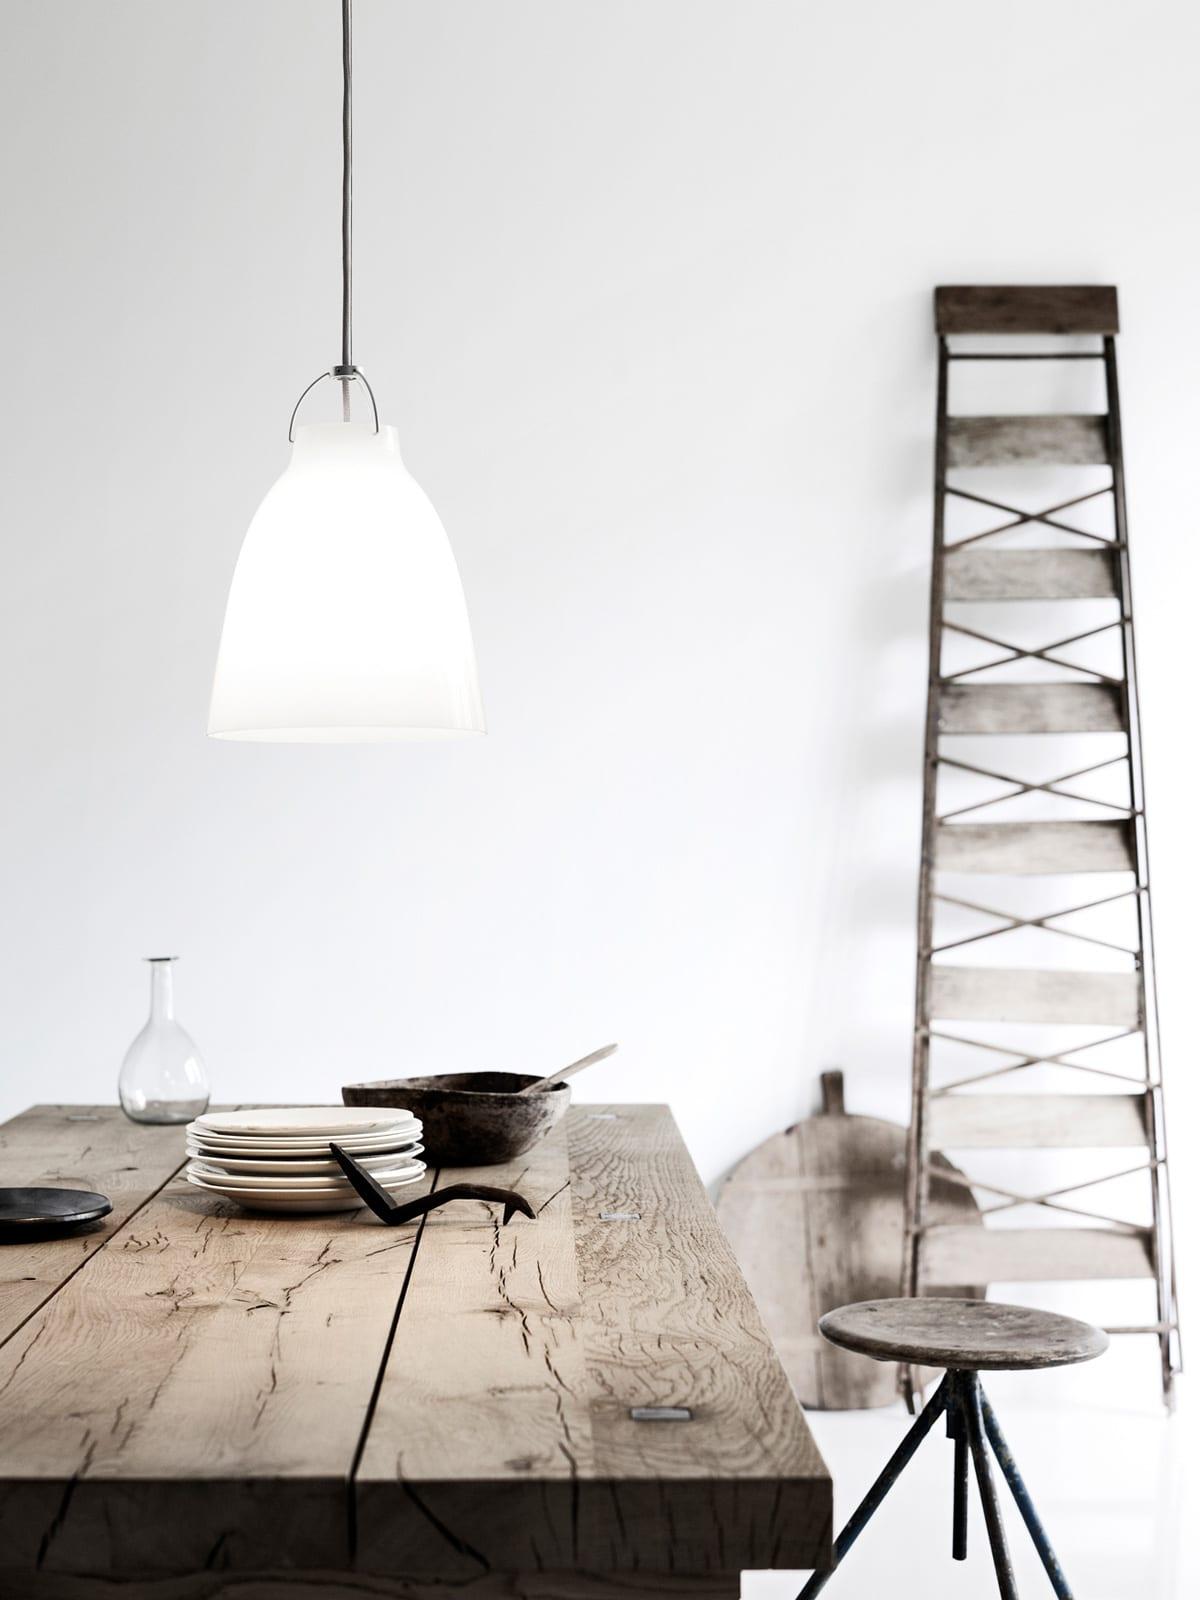 moderne industrieleuchten teil 2 lampen leuchten designerleuchten online berlin design. Black Bedroom Furniture Sets. Home Design Ideas